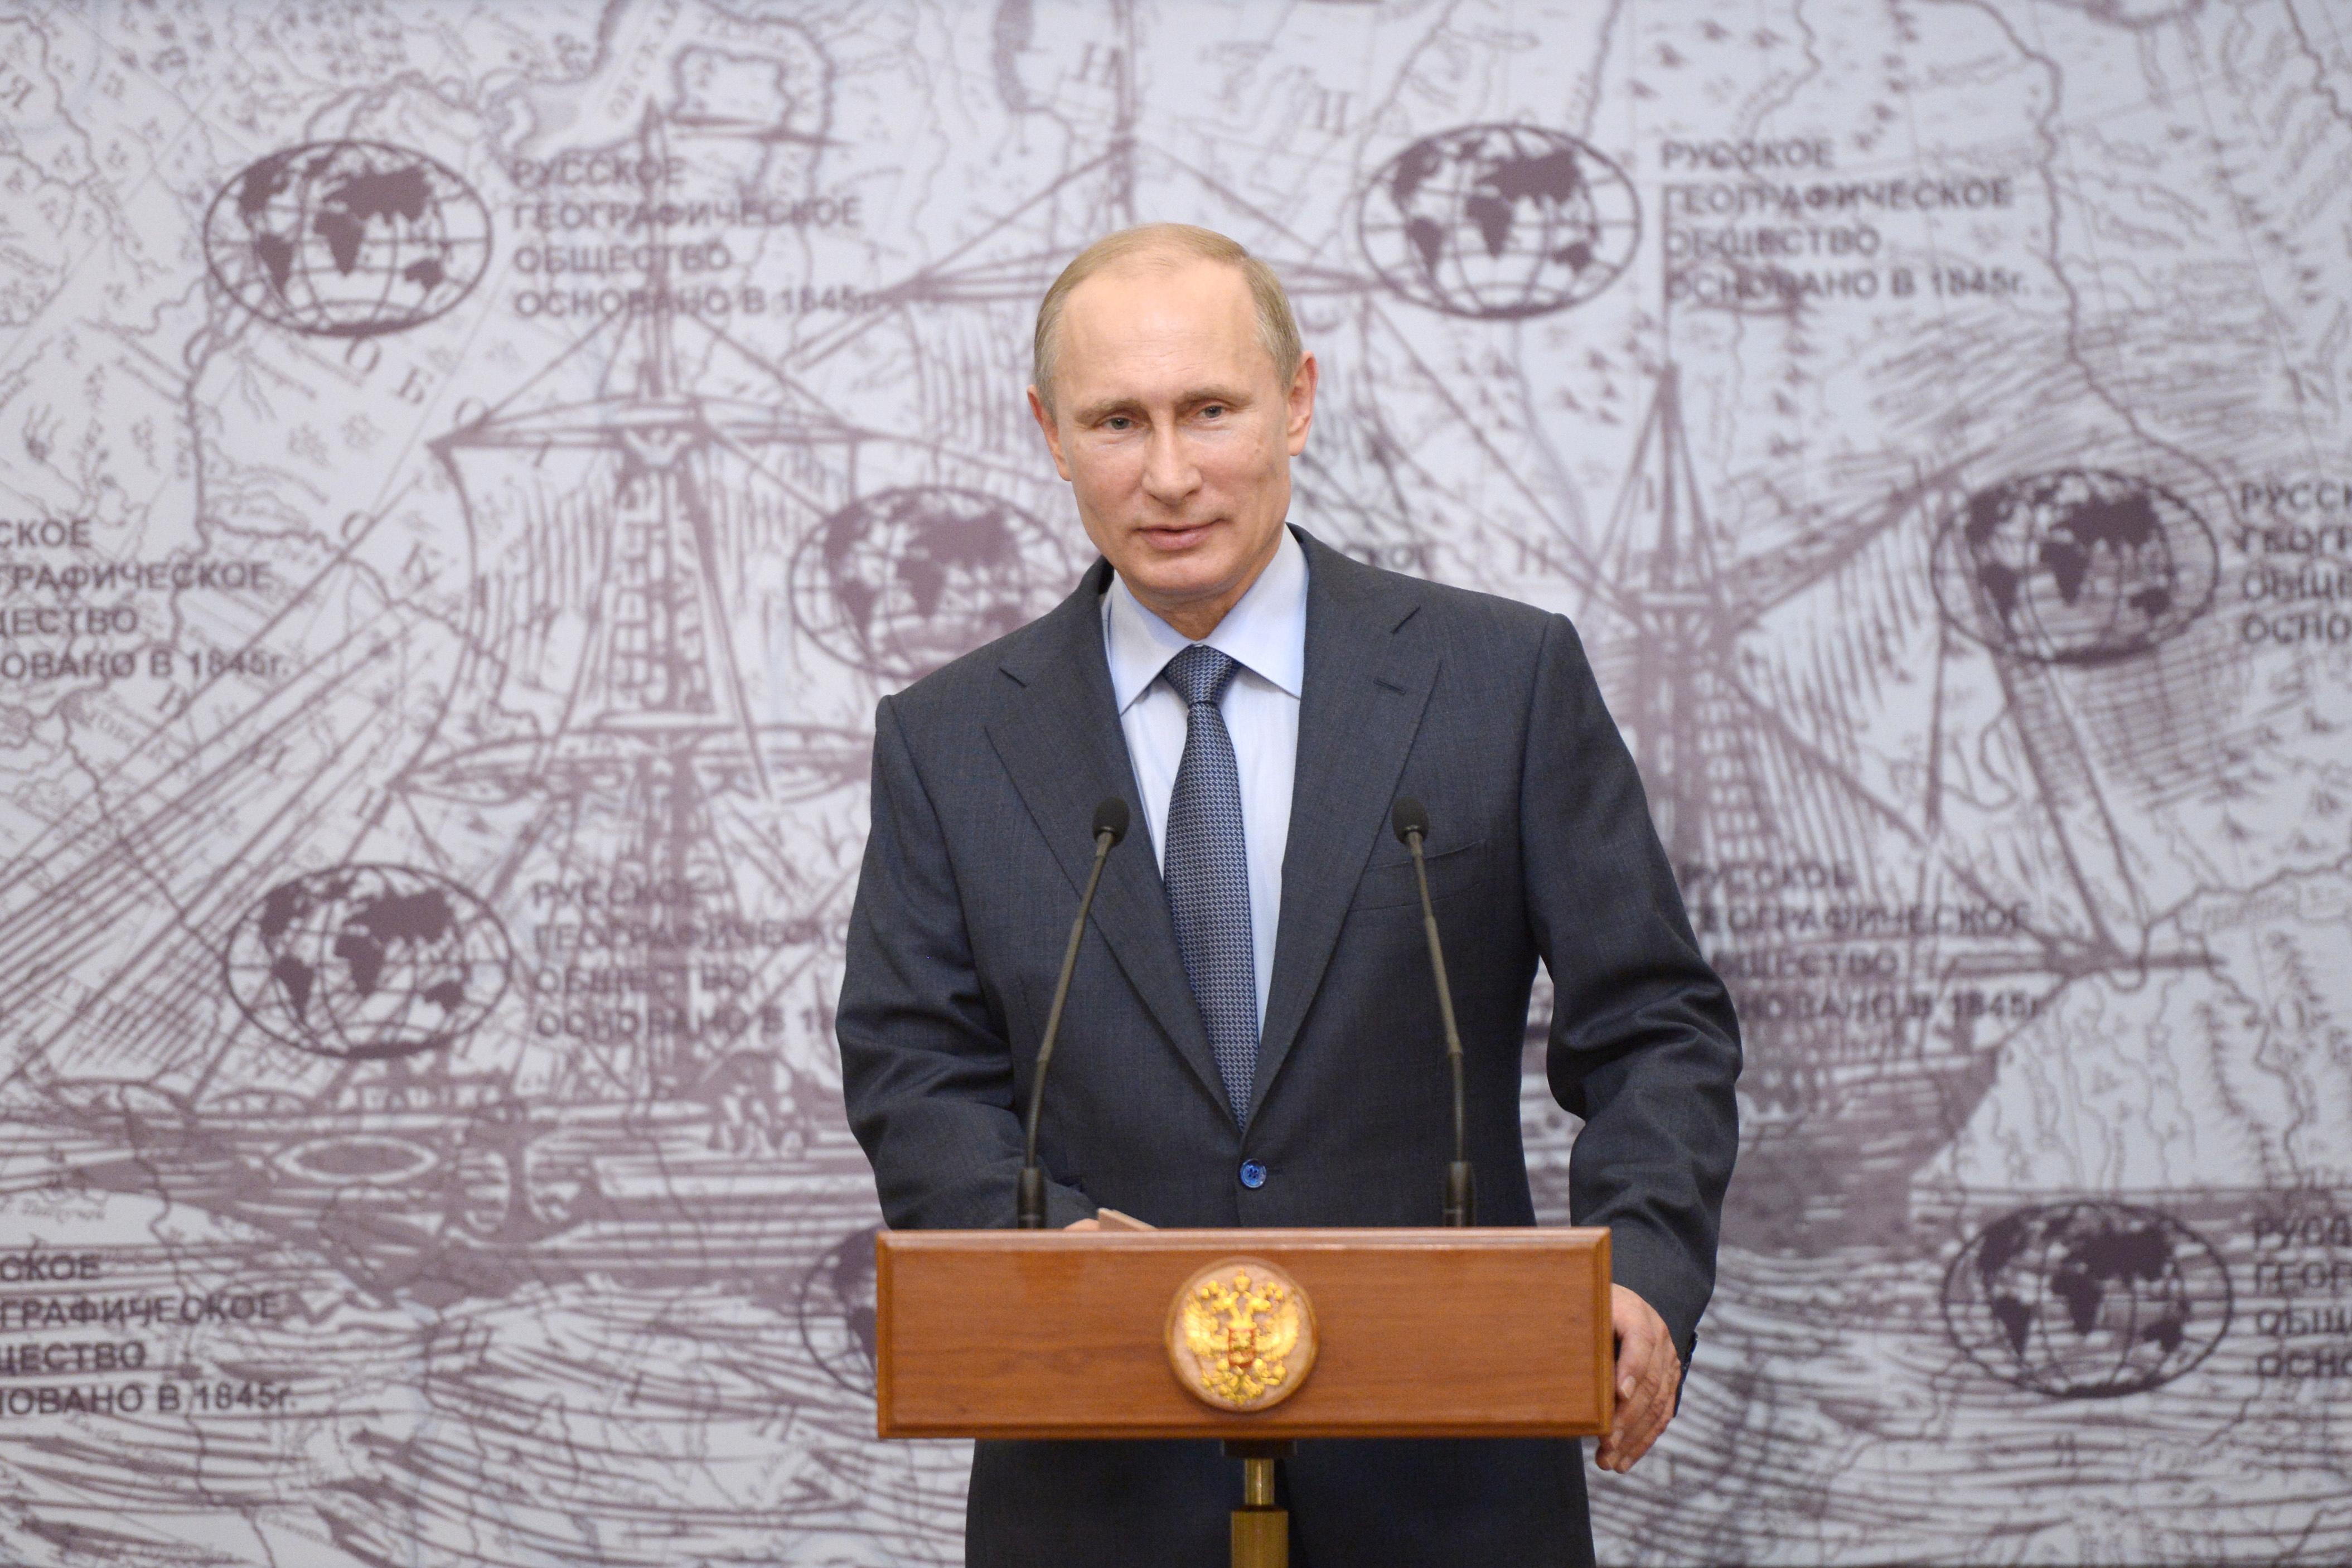 Владимир Путин на церемонии вручения государственных наград ученым-исследователям Антарктиды